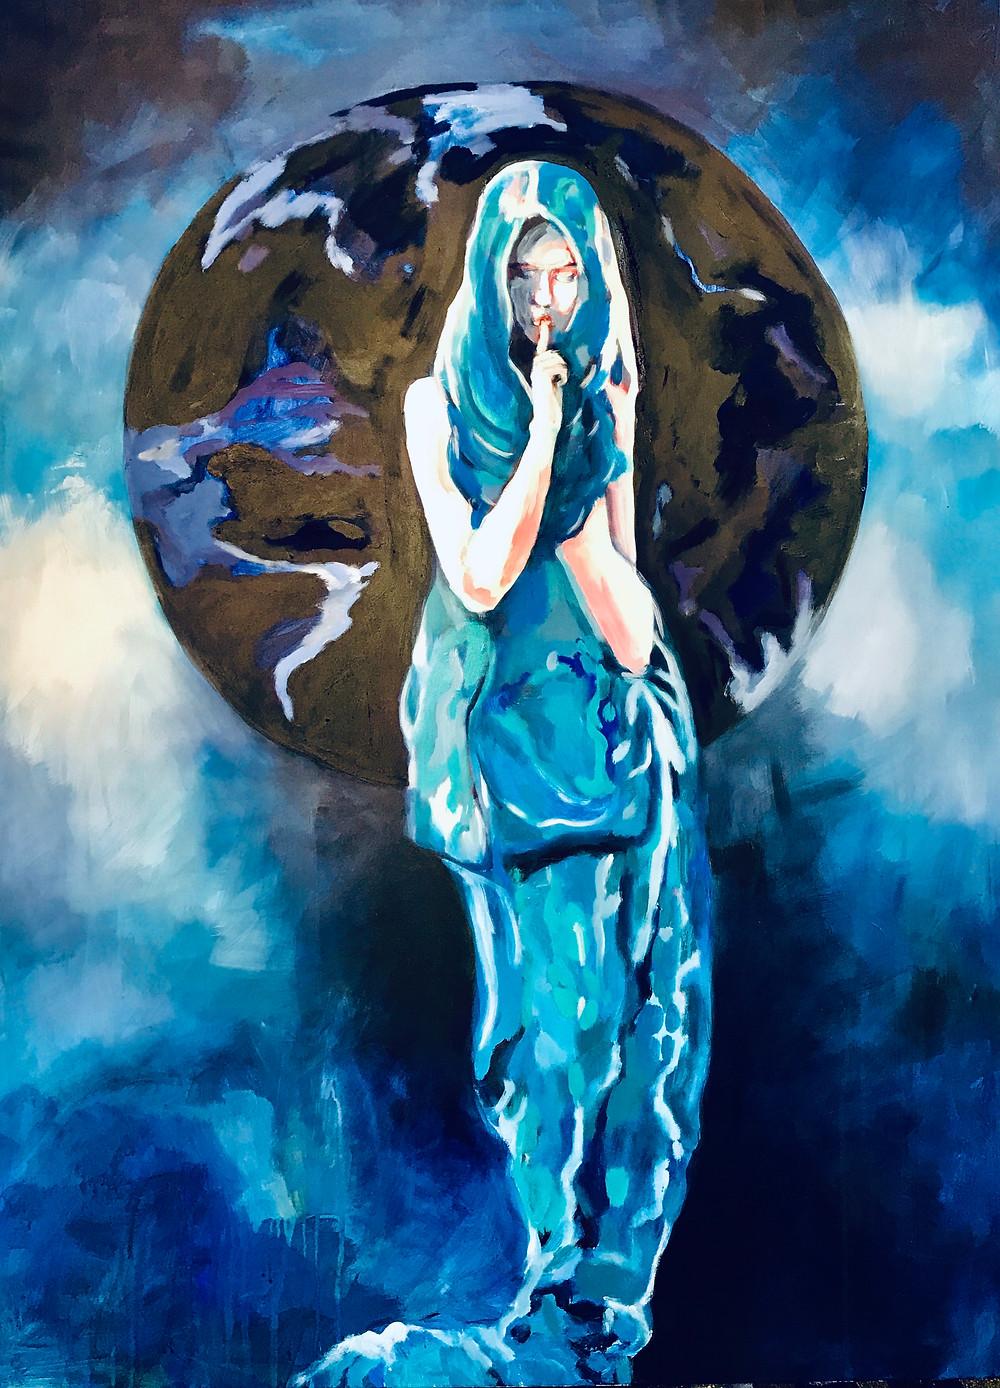 Sige - the goddess of silence 160 x 110 cm Acryl on canvas 2020